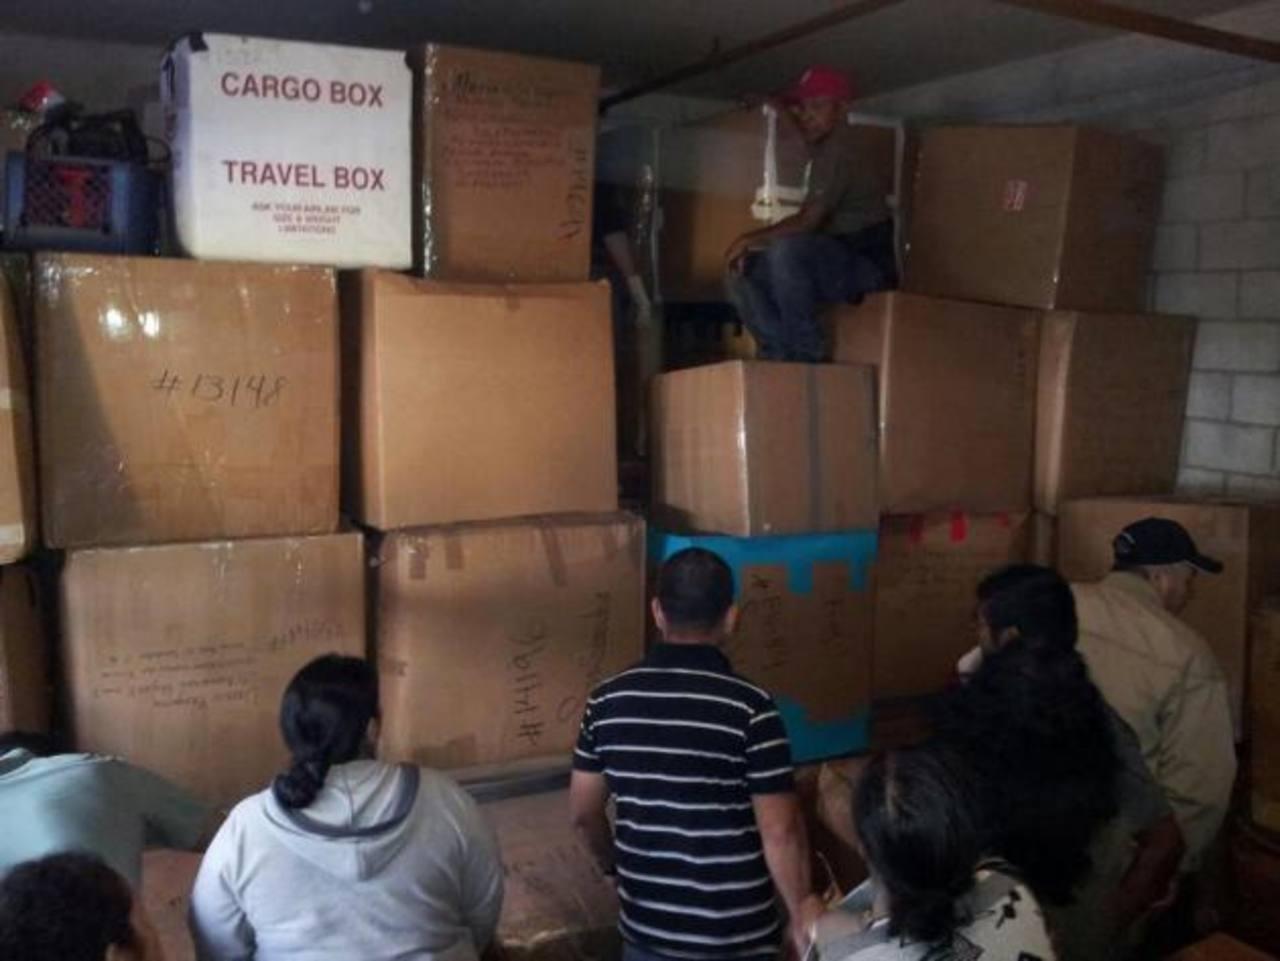 Los afectados relatan que Transportes Neliz les cobró montos mayores a los $200 por caja y no las entregó. Foto EDH / Cortesía